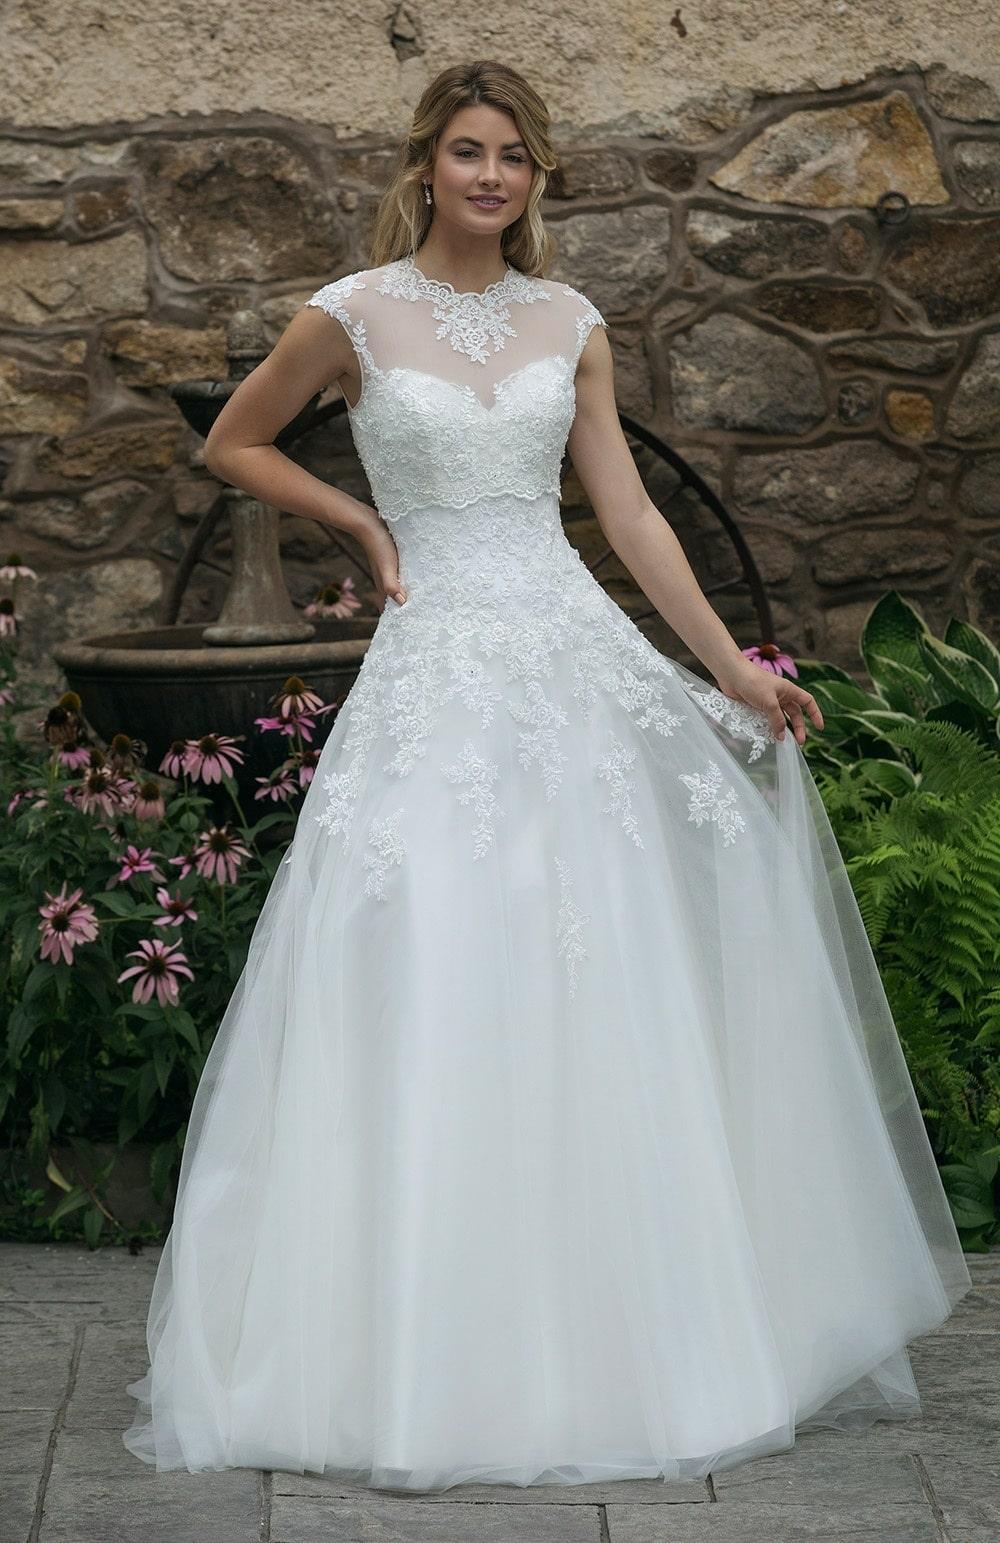 Robe de mariée Modèle 44050 – Sierra